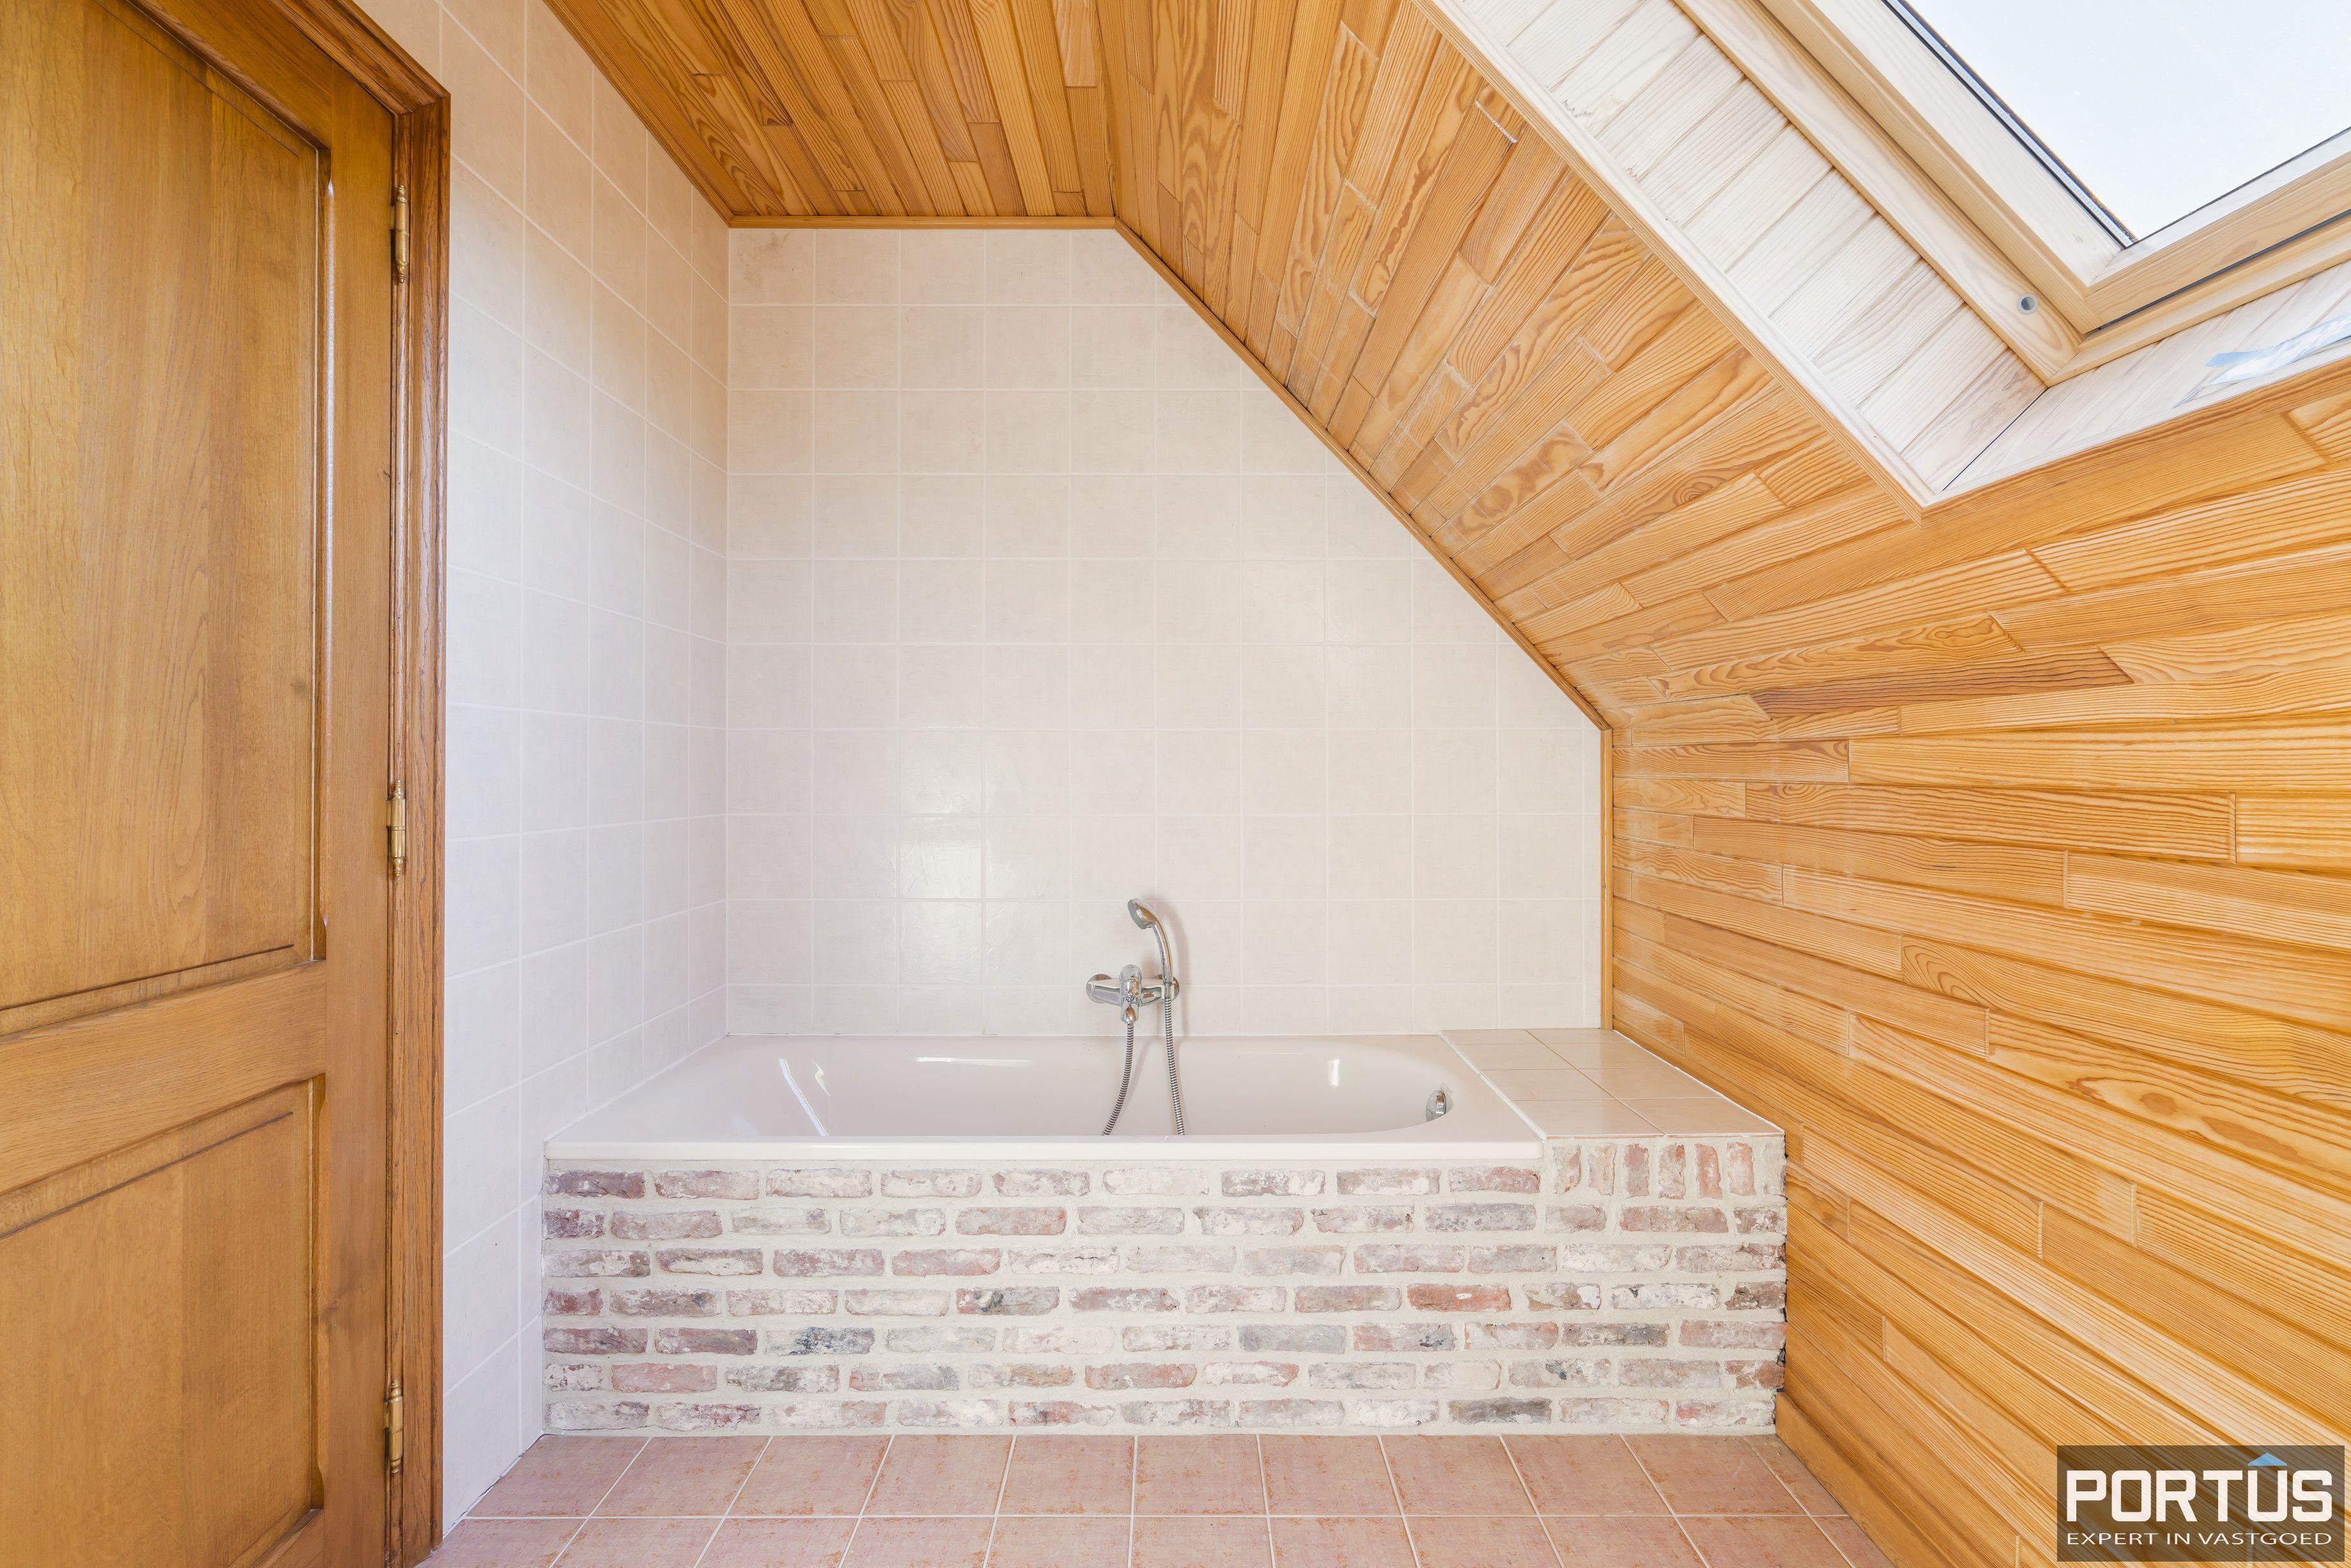 Woning te koop met 4 slaapkamers te Oostduinkerke - 13738